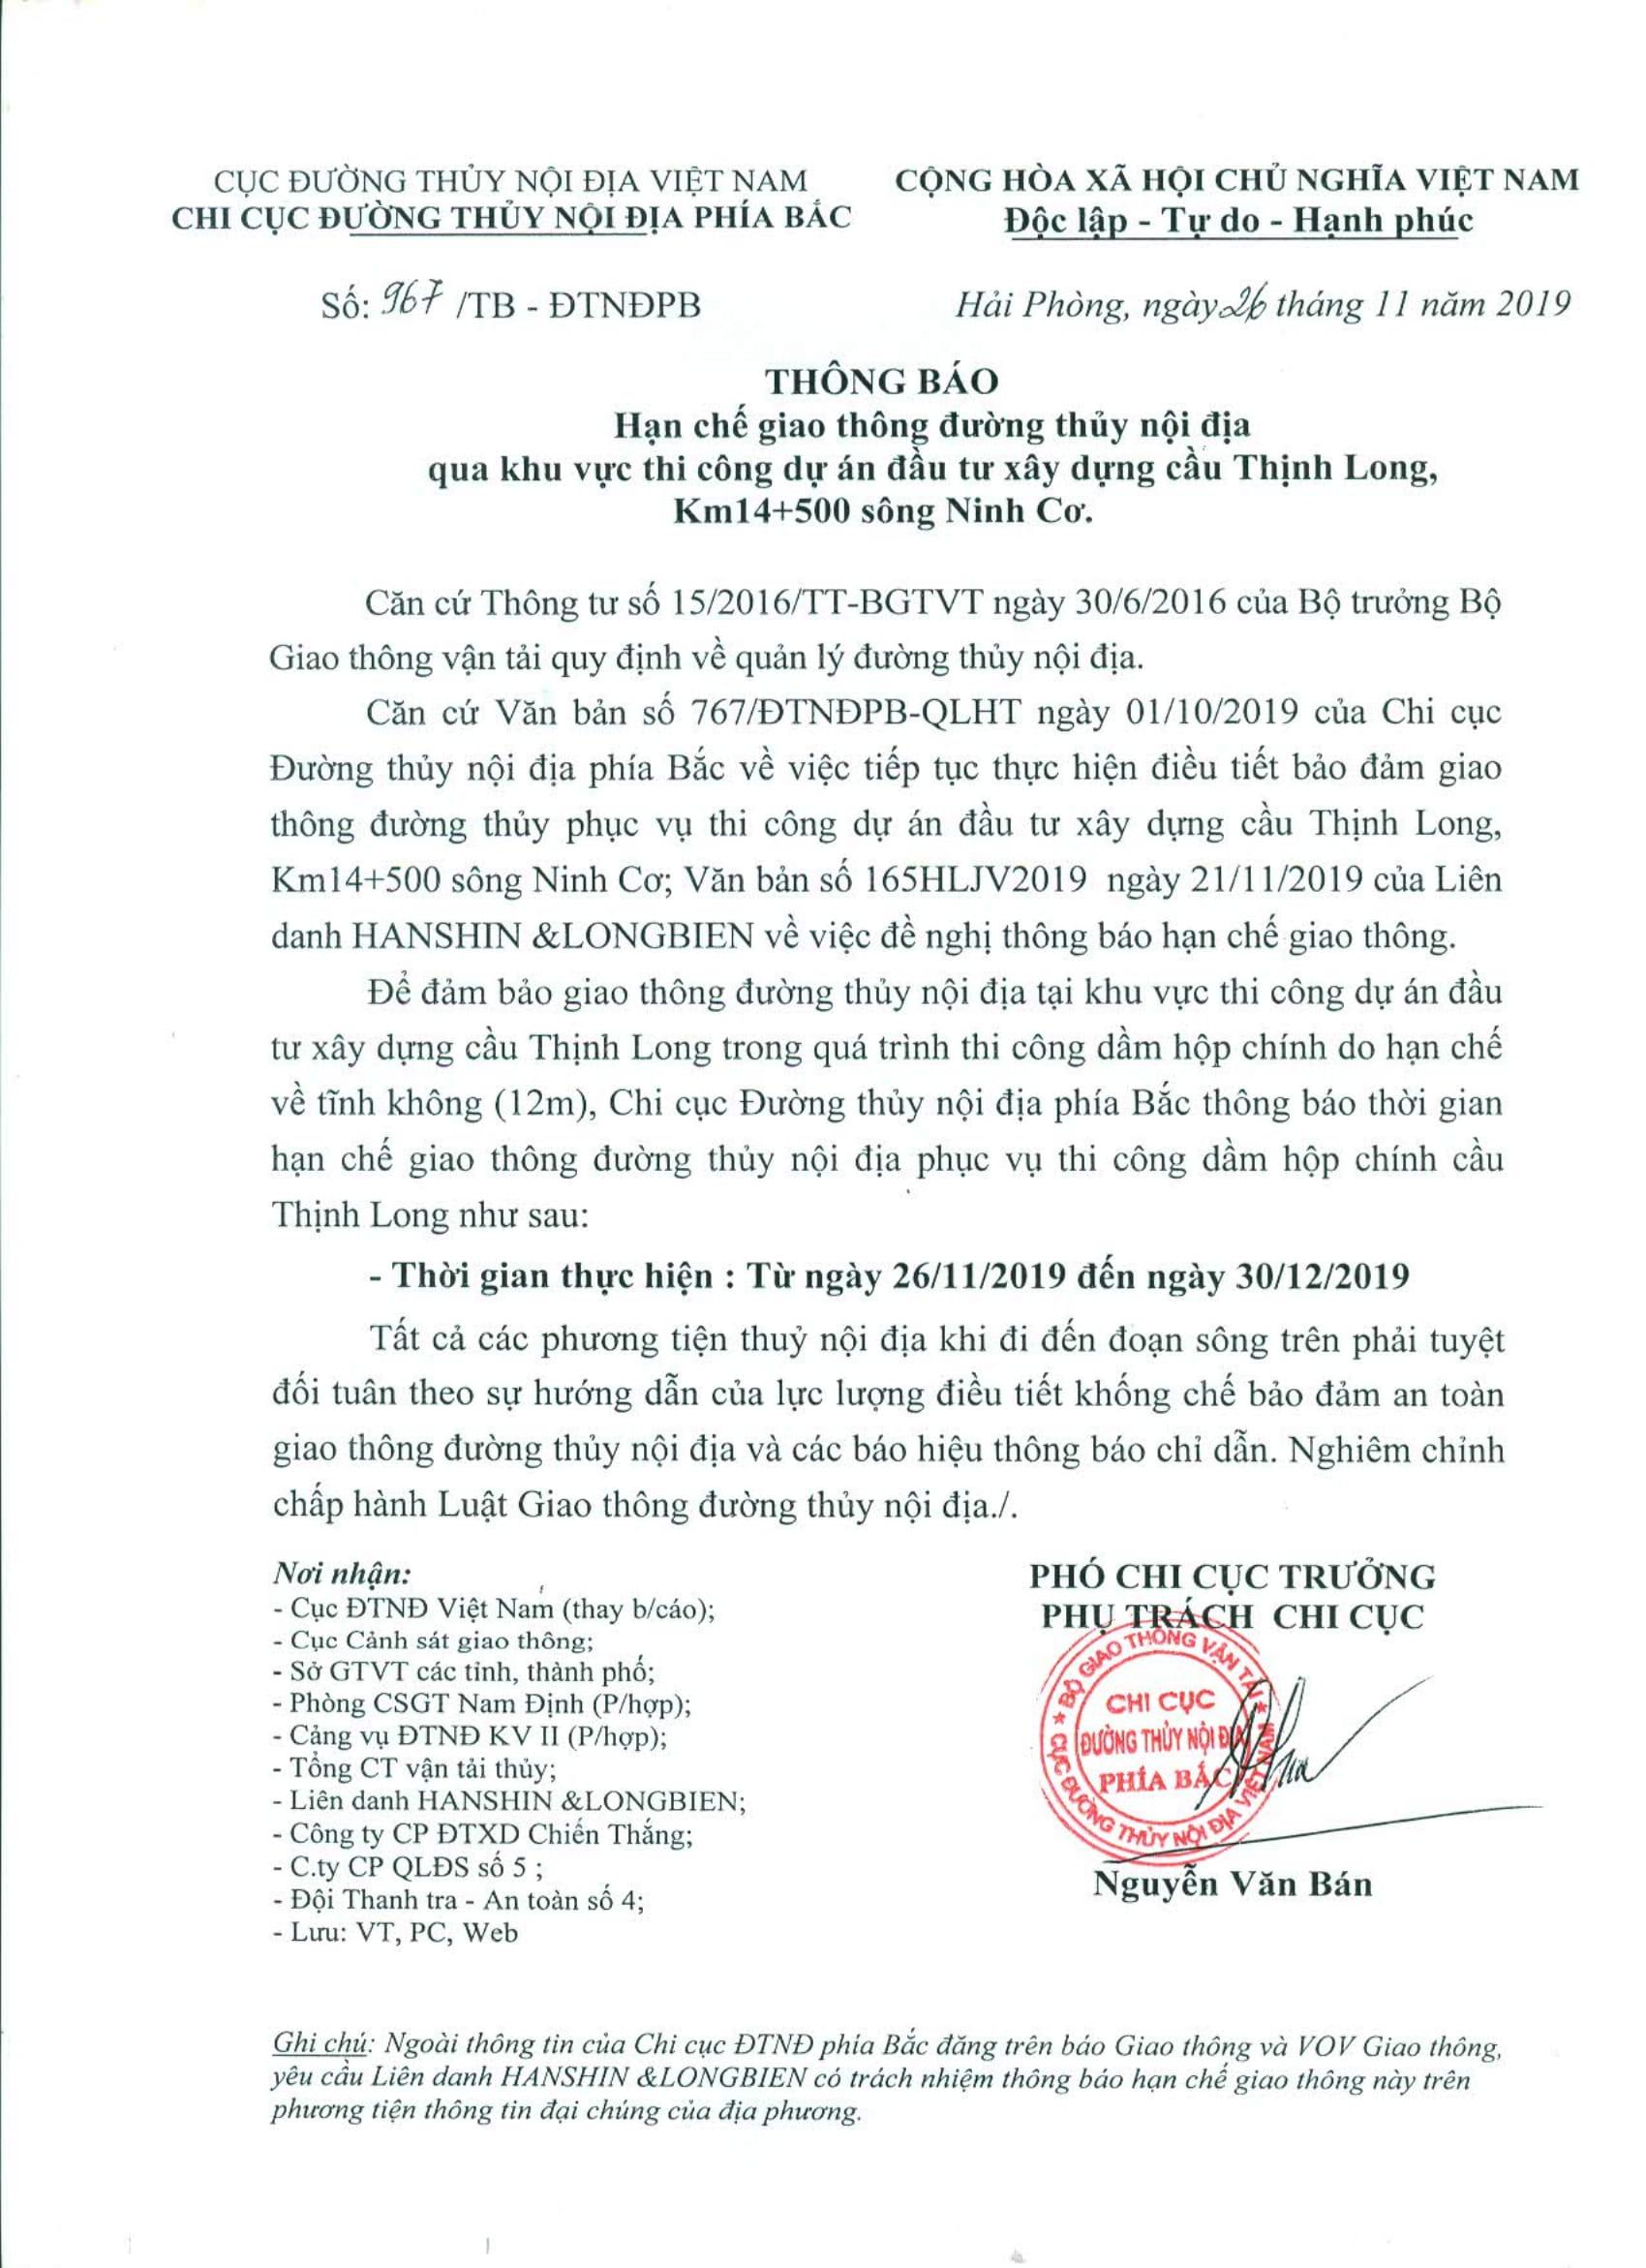 Thông báo HCGT ĐTNĐ phục vụ thi công dự án đầu tư xây dựng cầu Thịnh Long, Km 14+500 sông Ninh Cơ